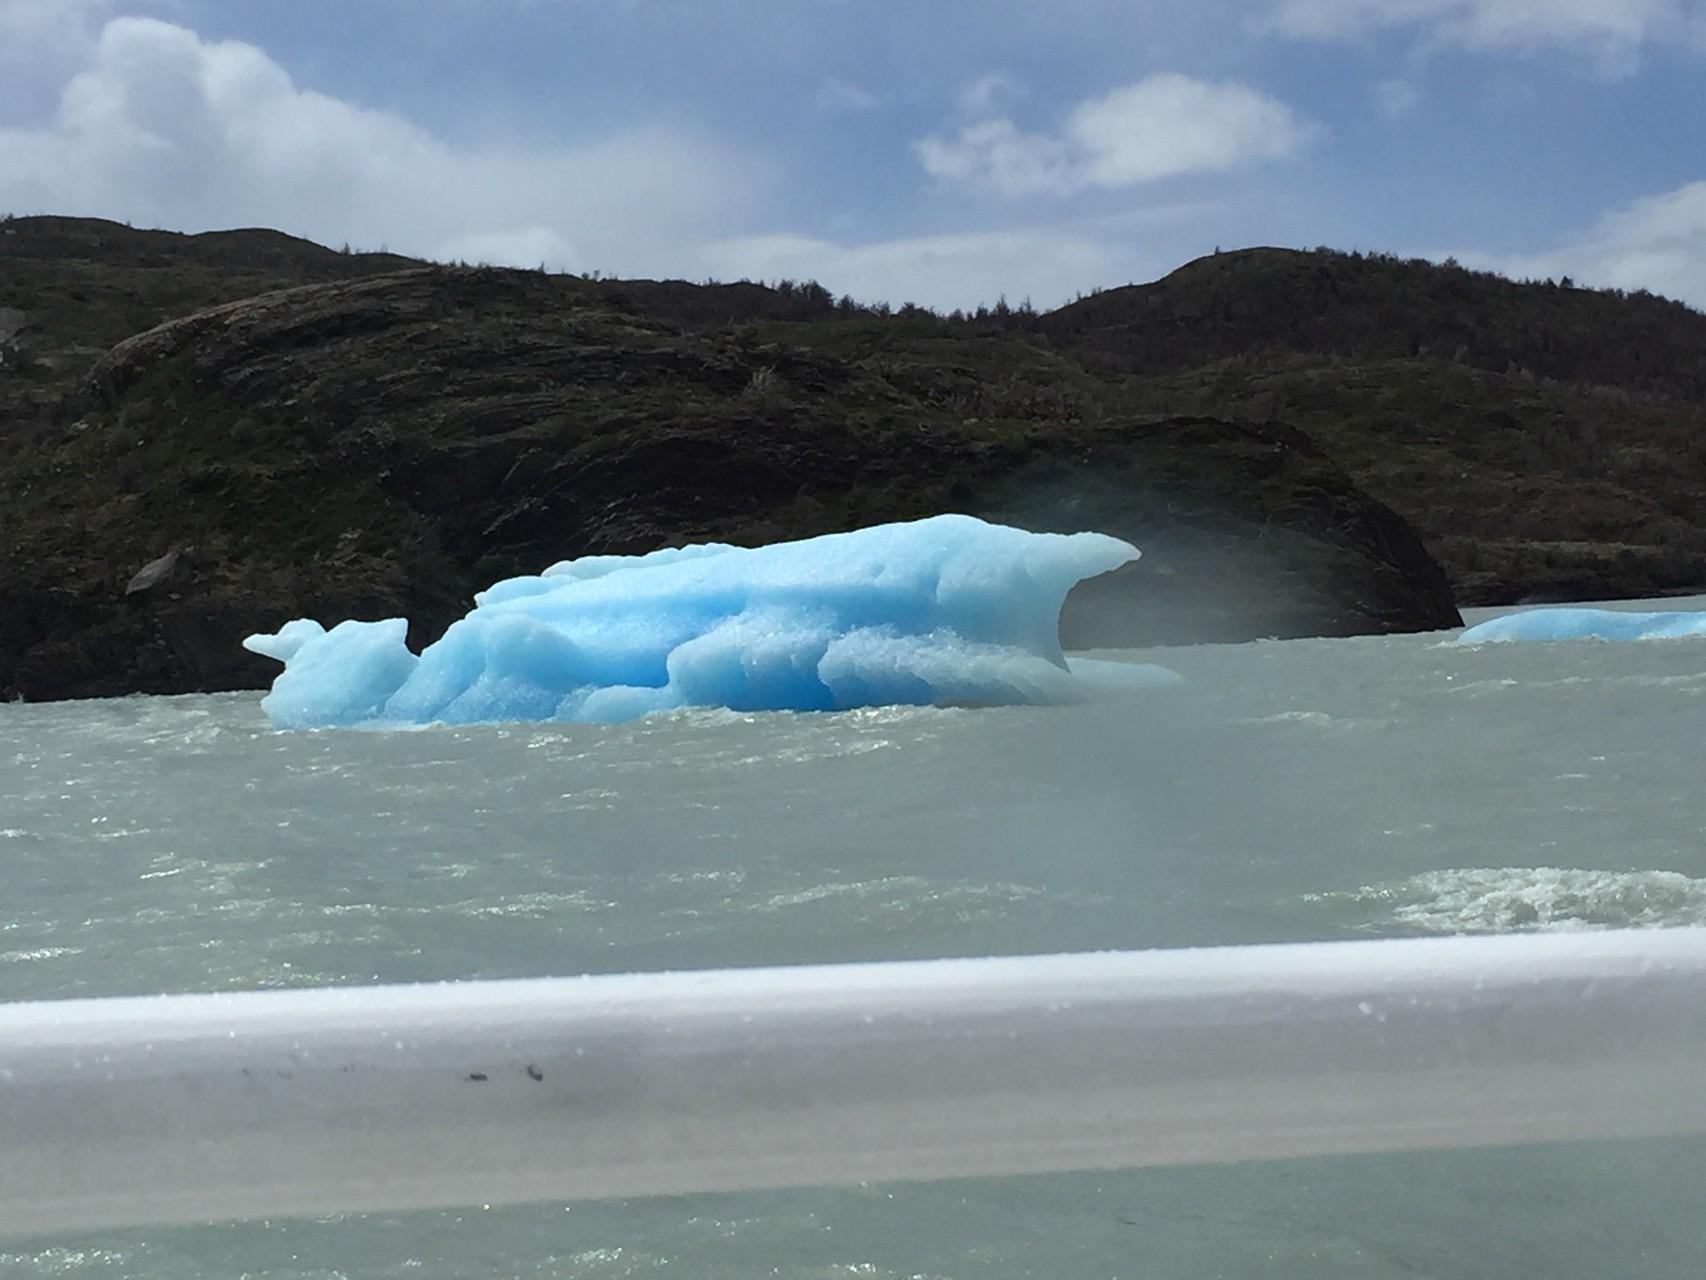 Vorbei an Eisbergen zum Glacier